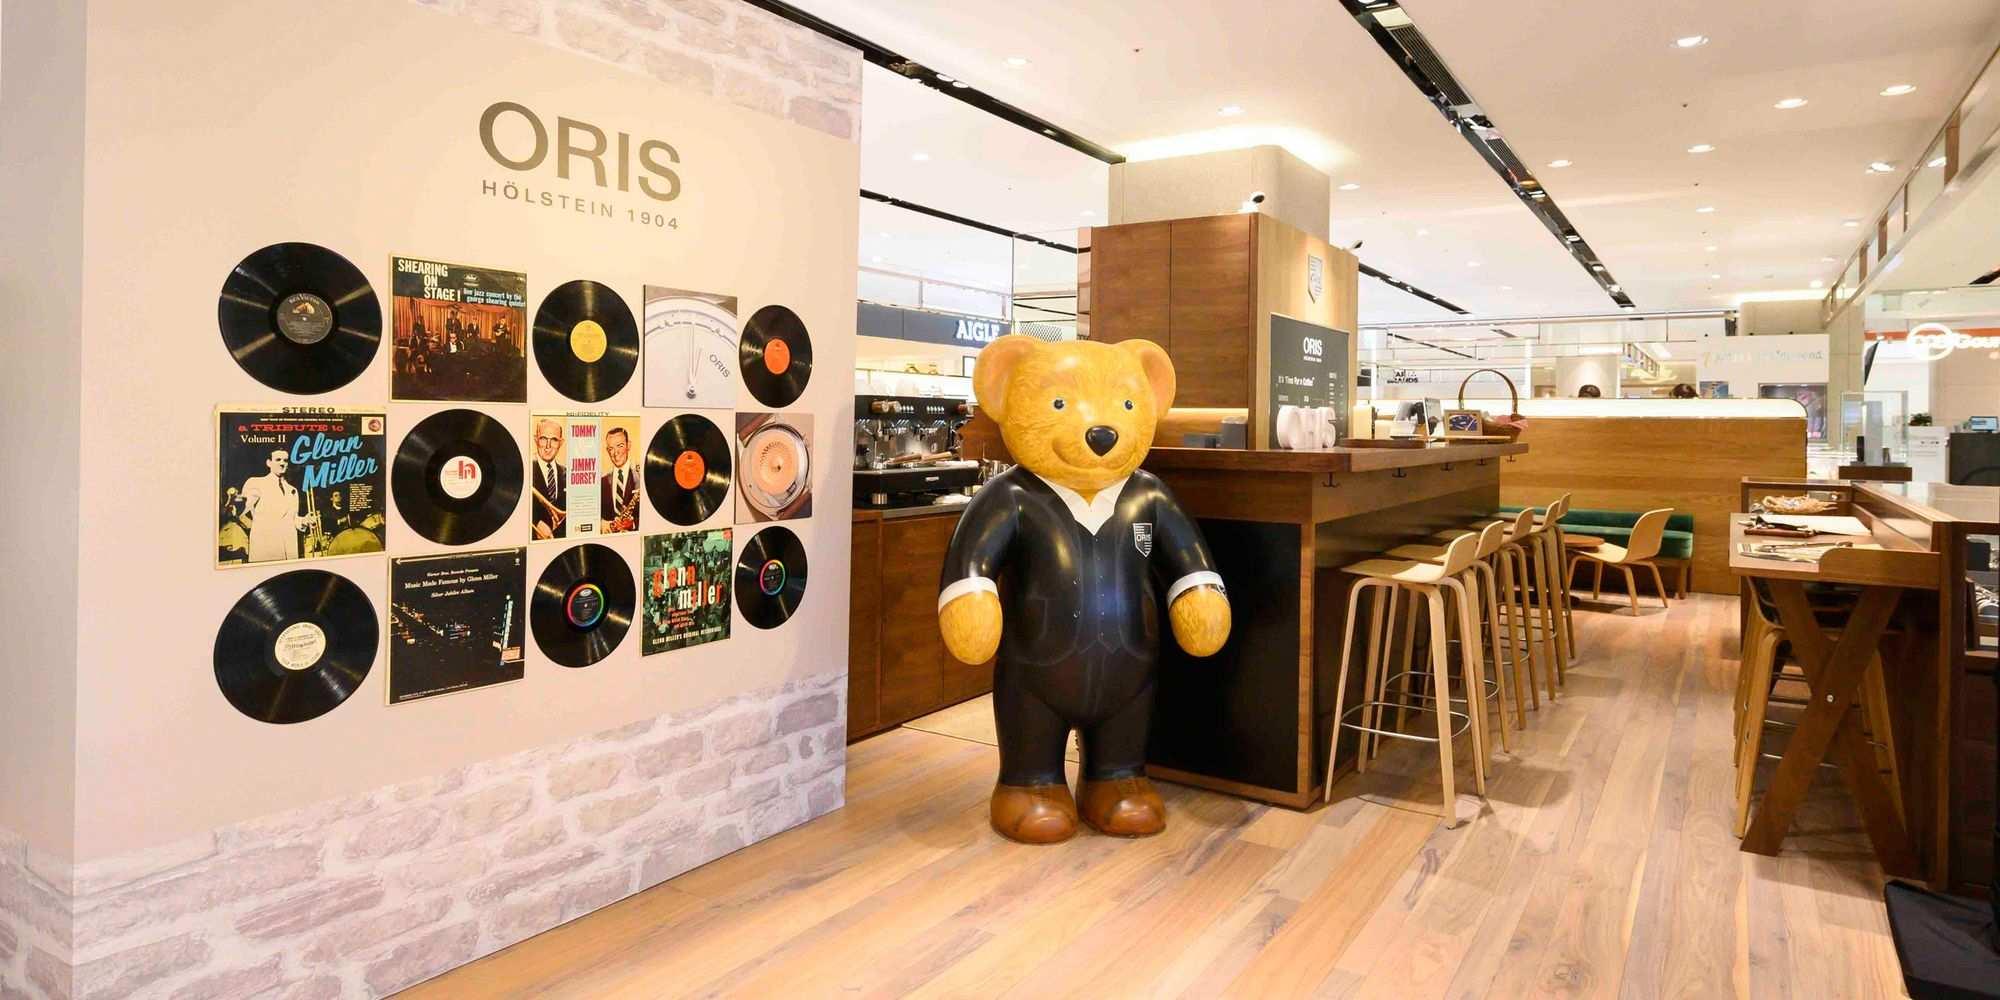 喝咖啡不小心帶走一只錶?來看Oris全球首間複合式空間!